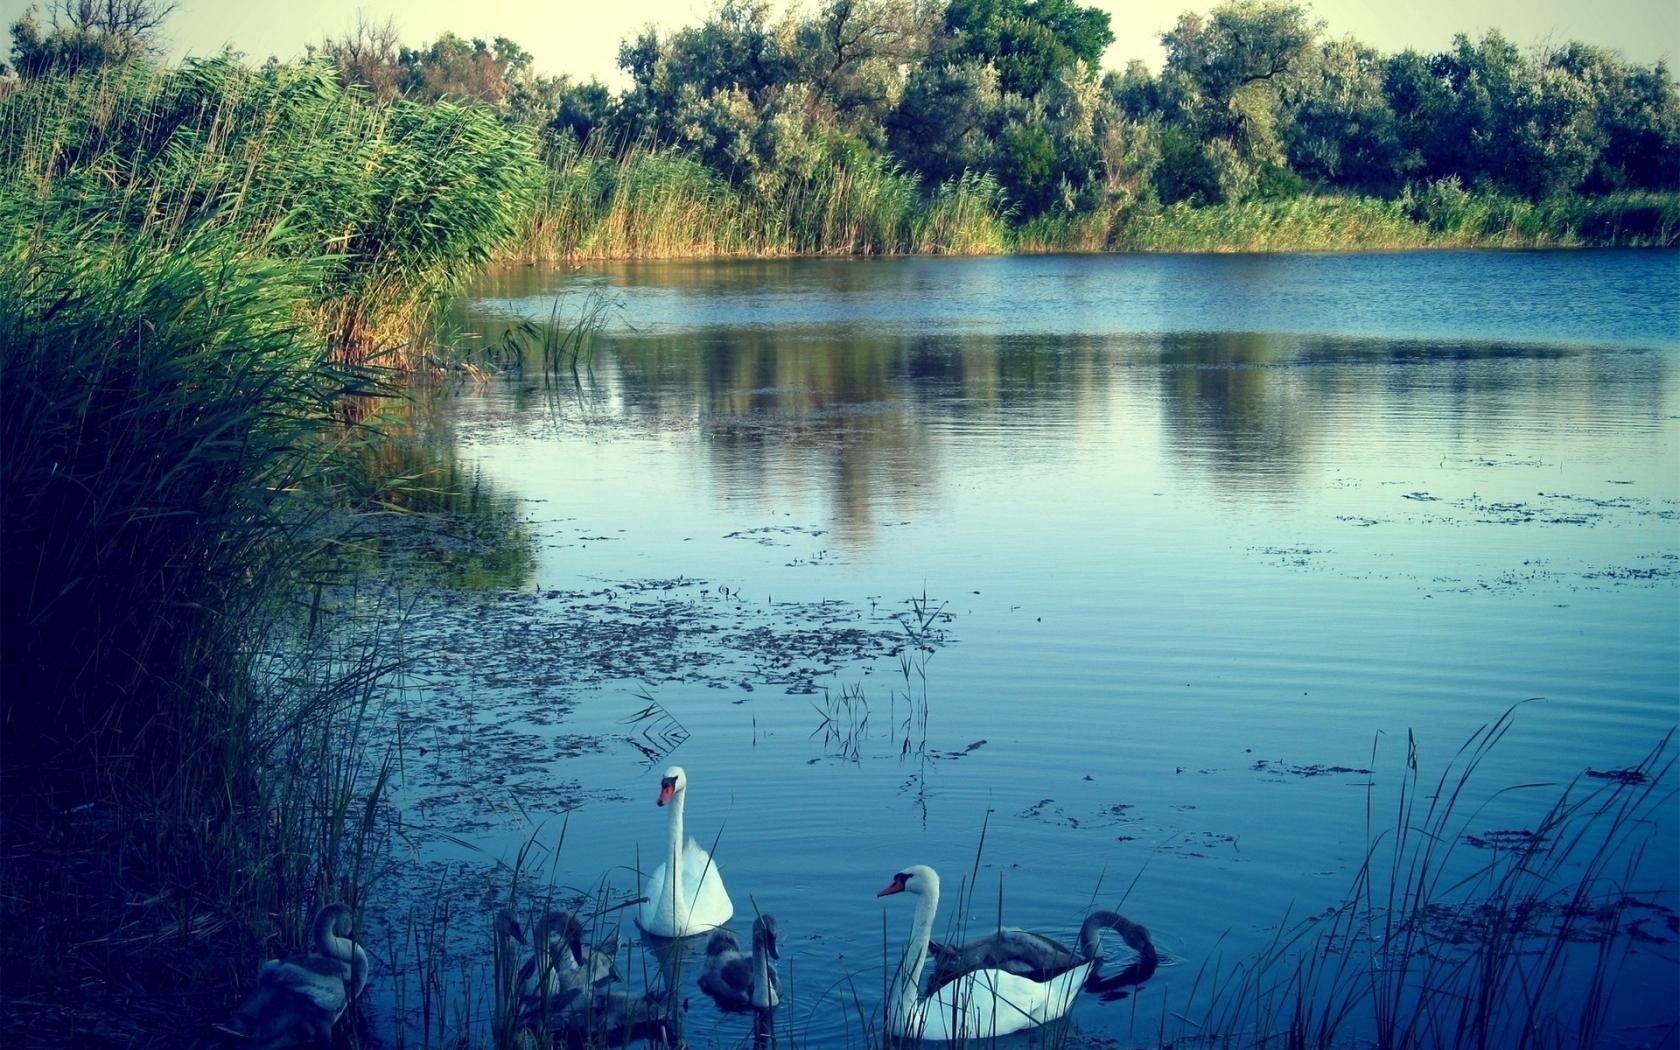 74424 Hintergrundbild herunterladen Tiere, Natur, Swans, See - Bildschirmschoner und Bilder kostenlos